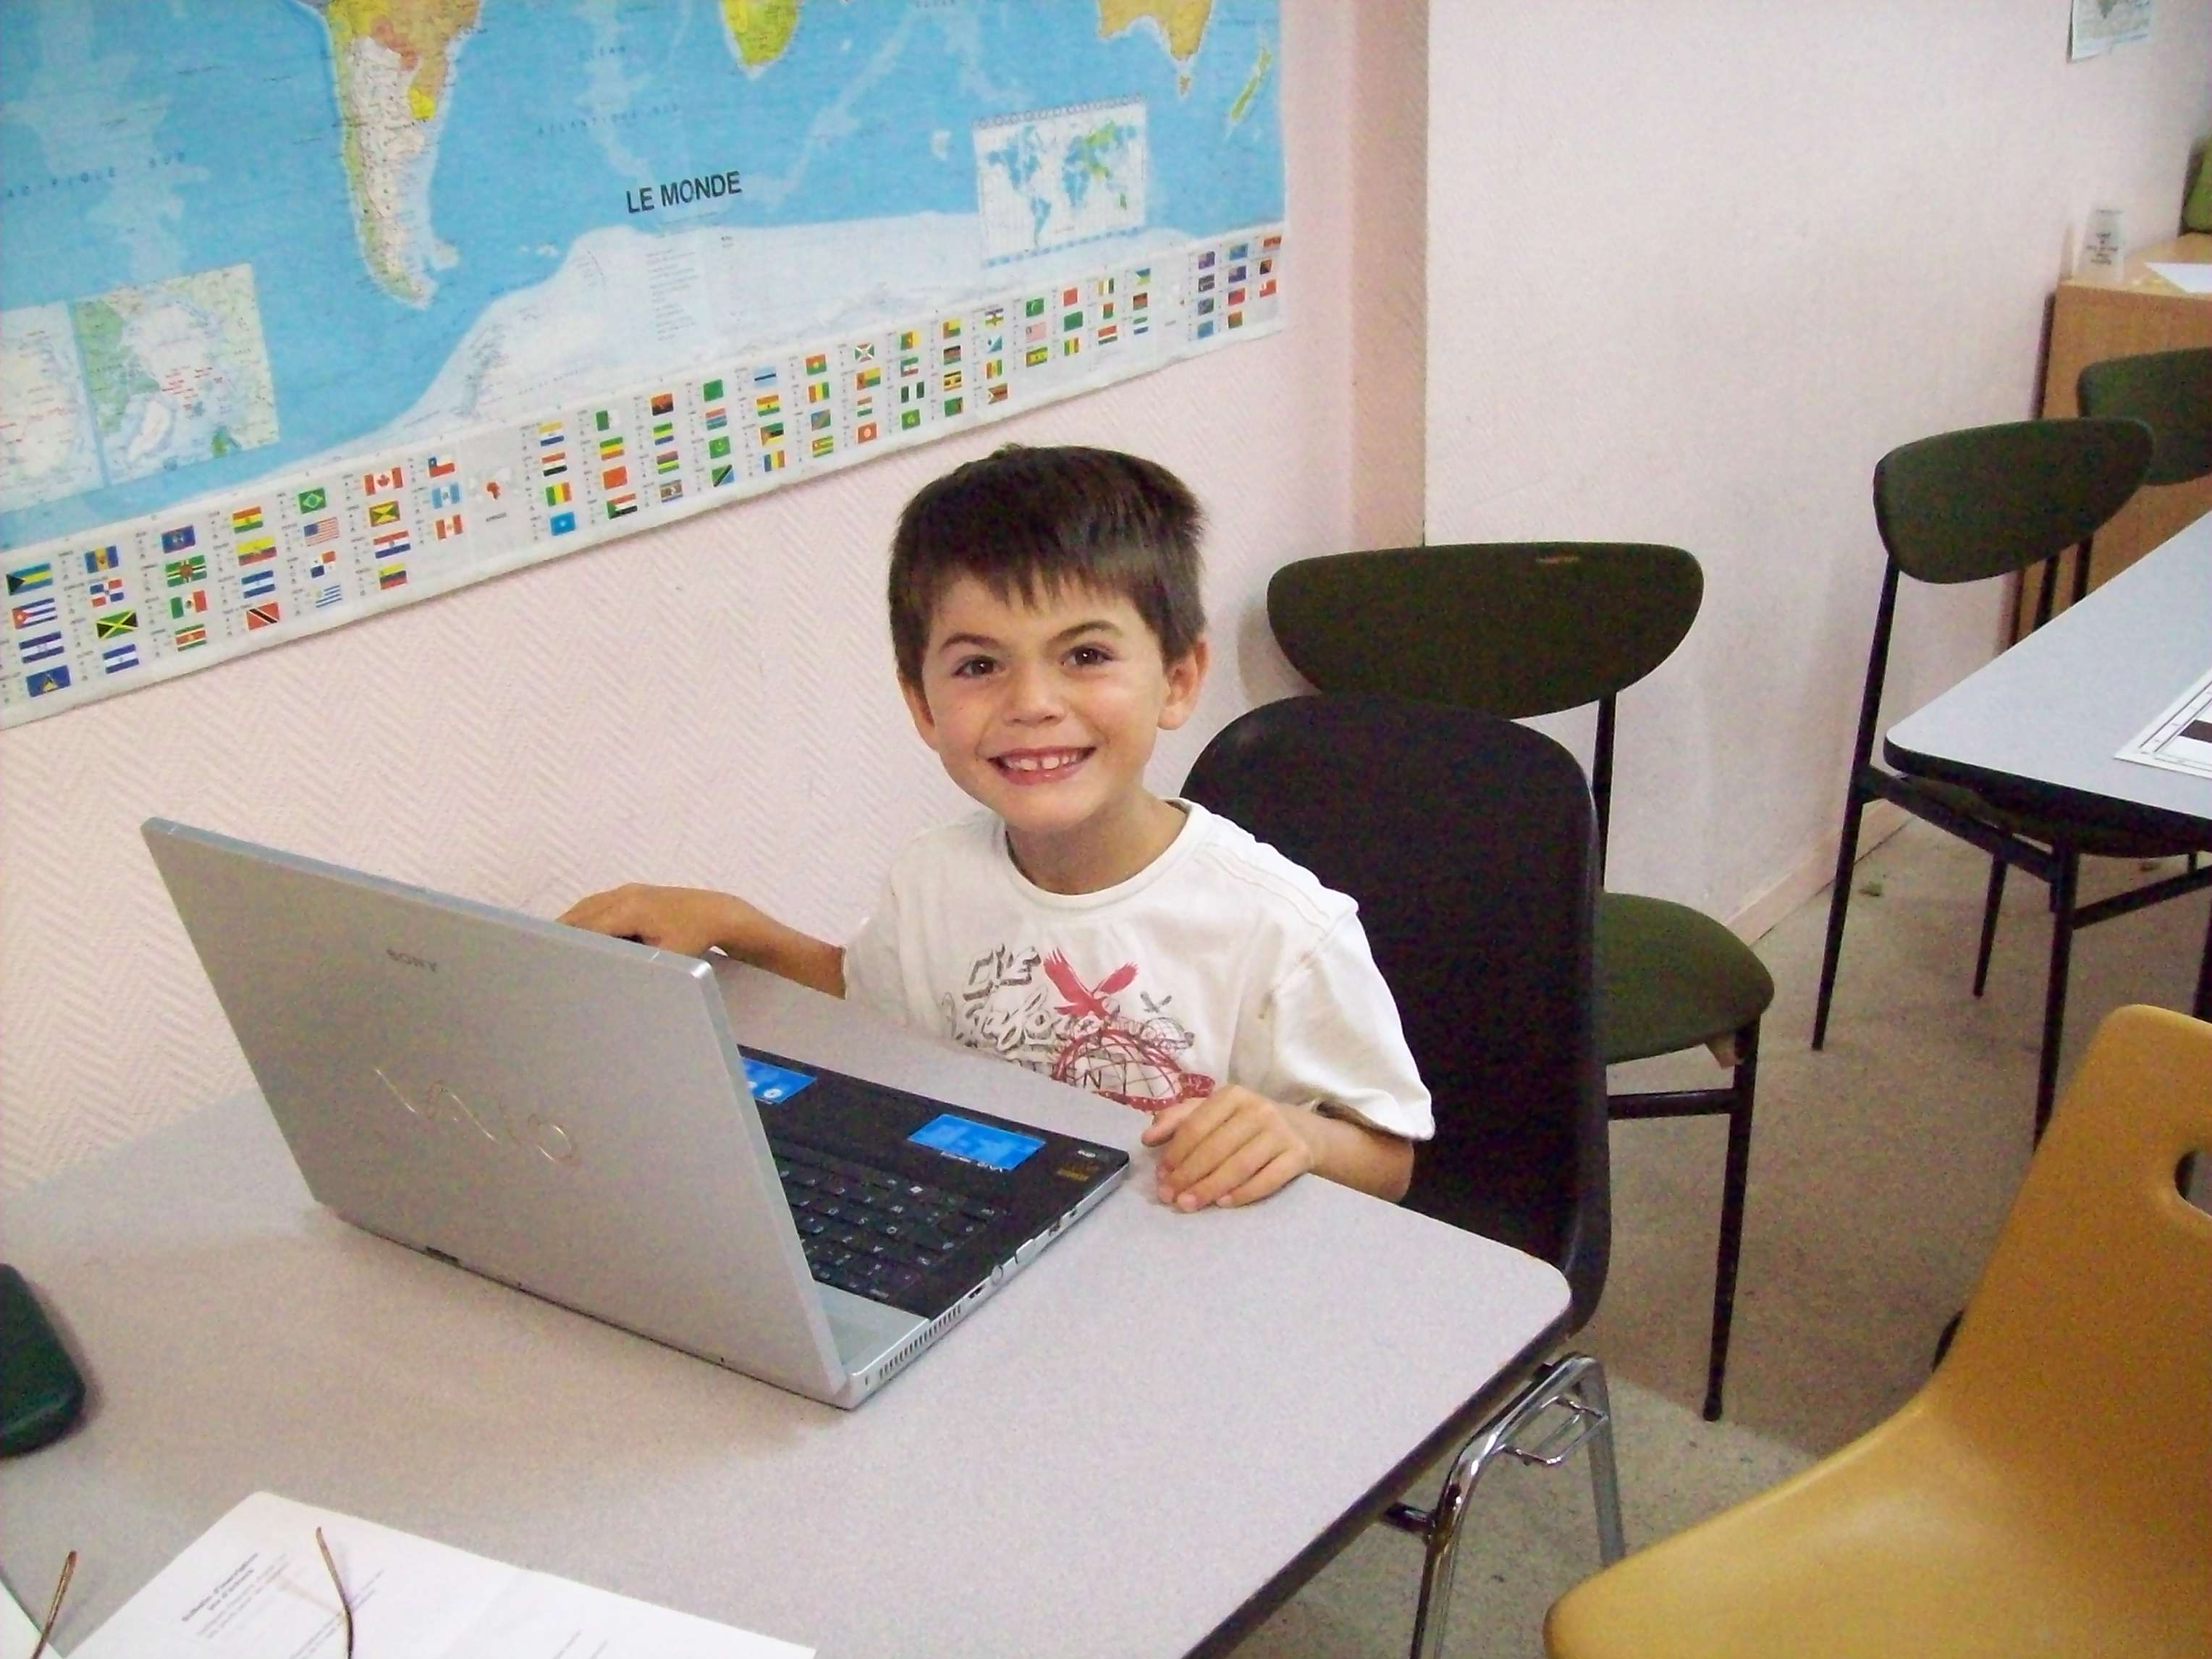 Enfant jouant au jeu d'échecs sur un ordinateur